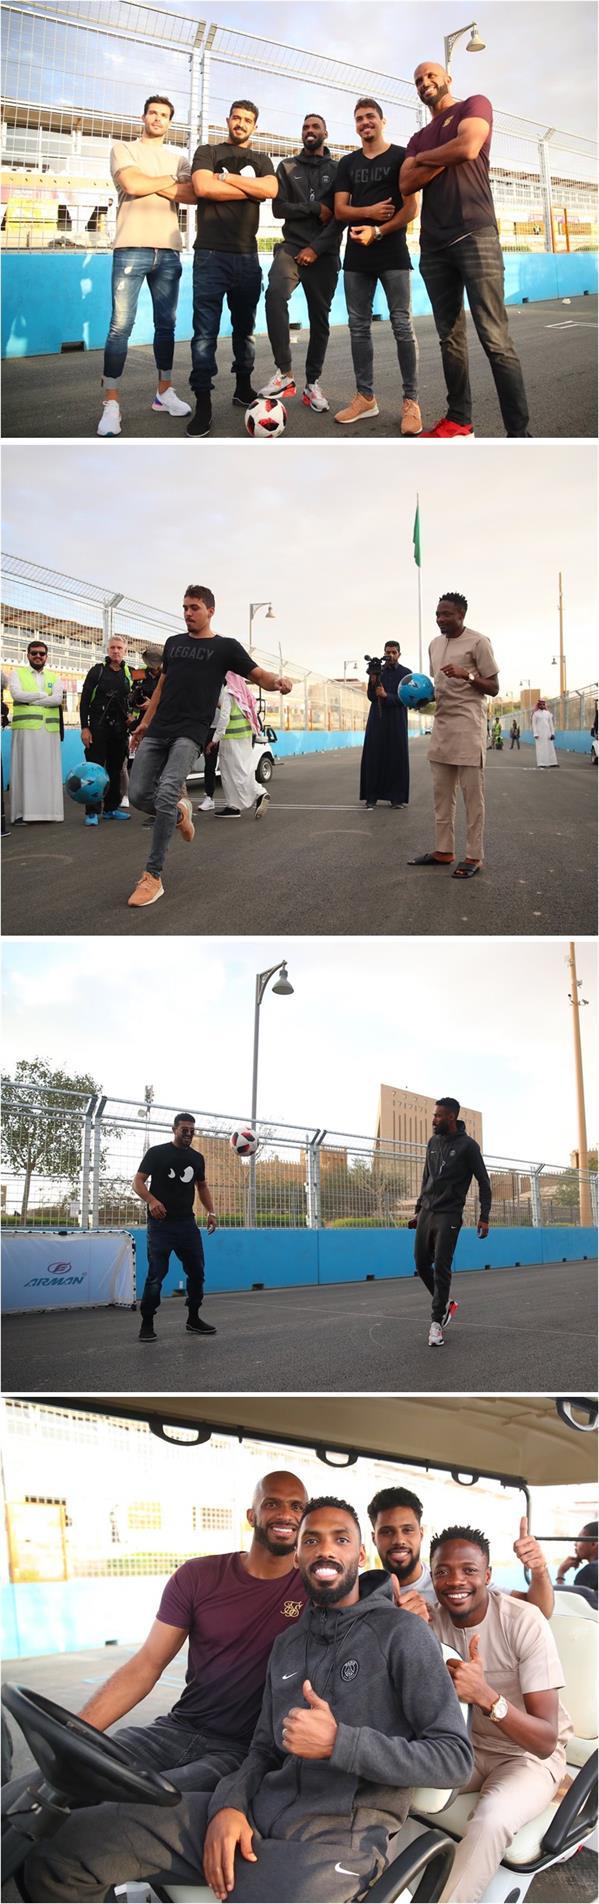 لاعبو ناديي الهلال والنصر خلال زيارتهم لمقر إقامة مهرجان فورمولا إي الدرعية